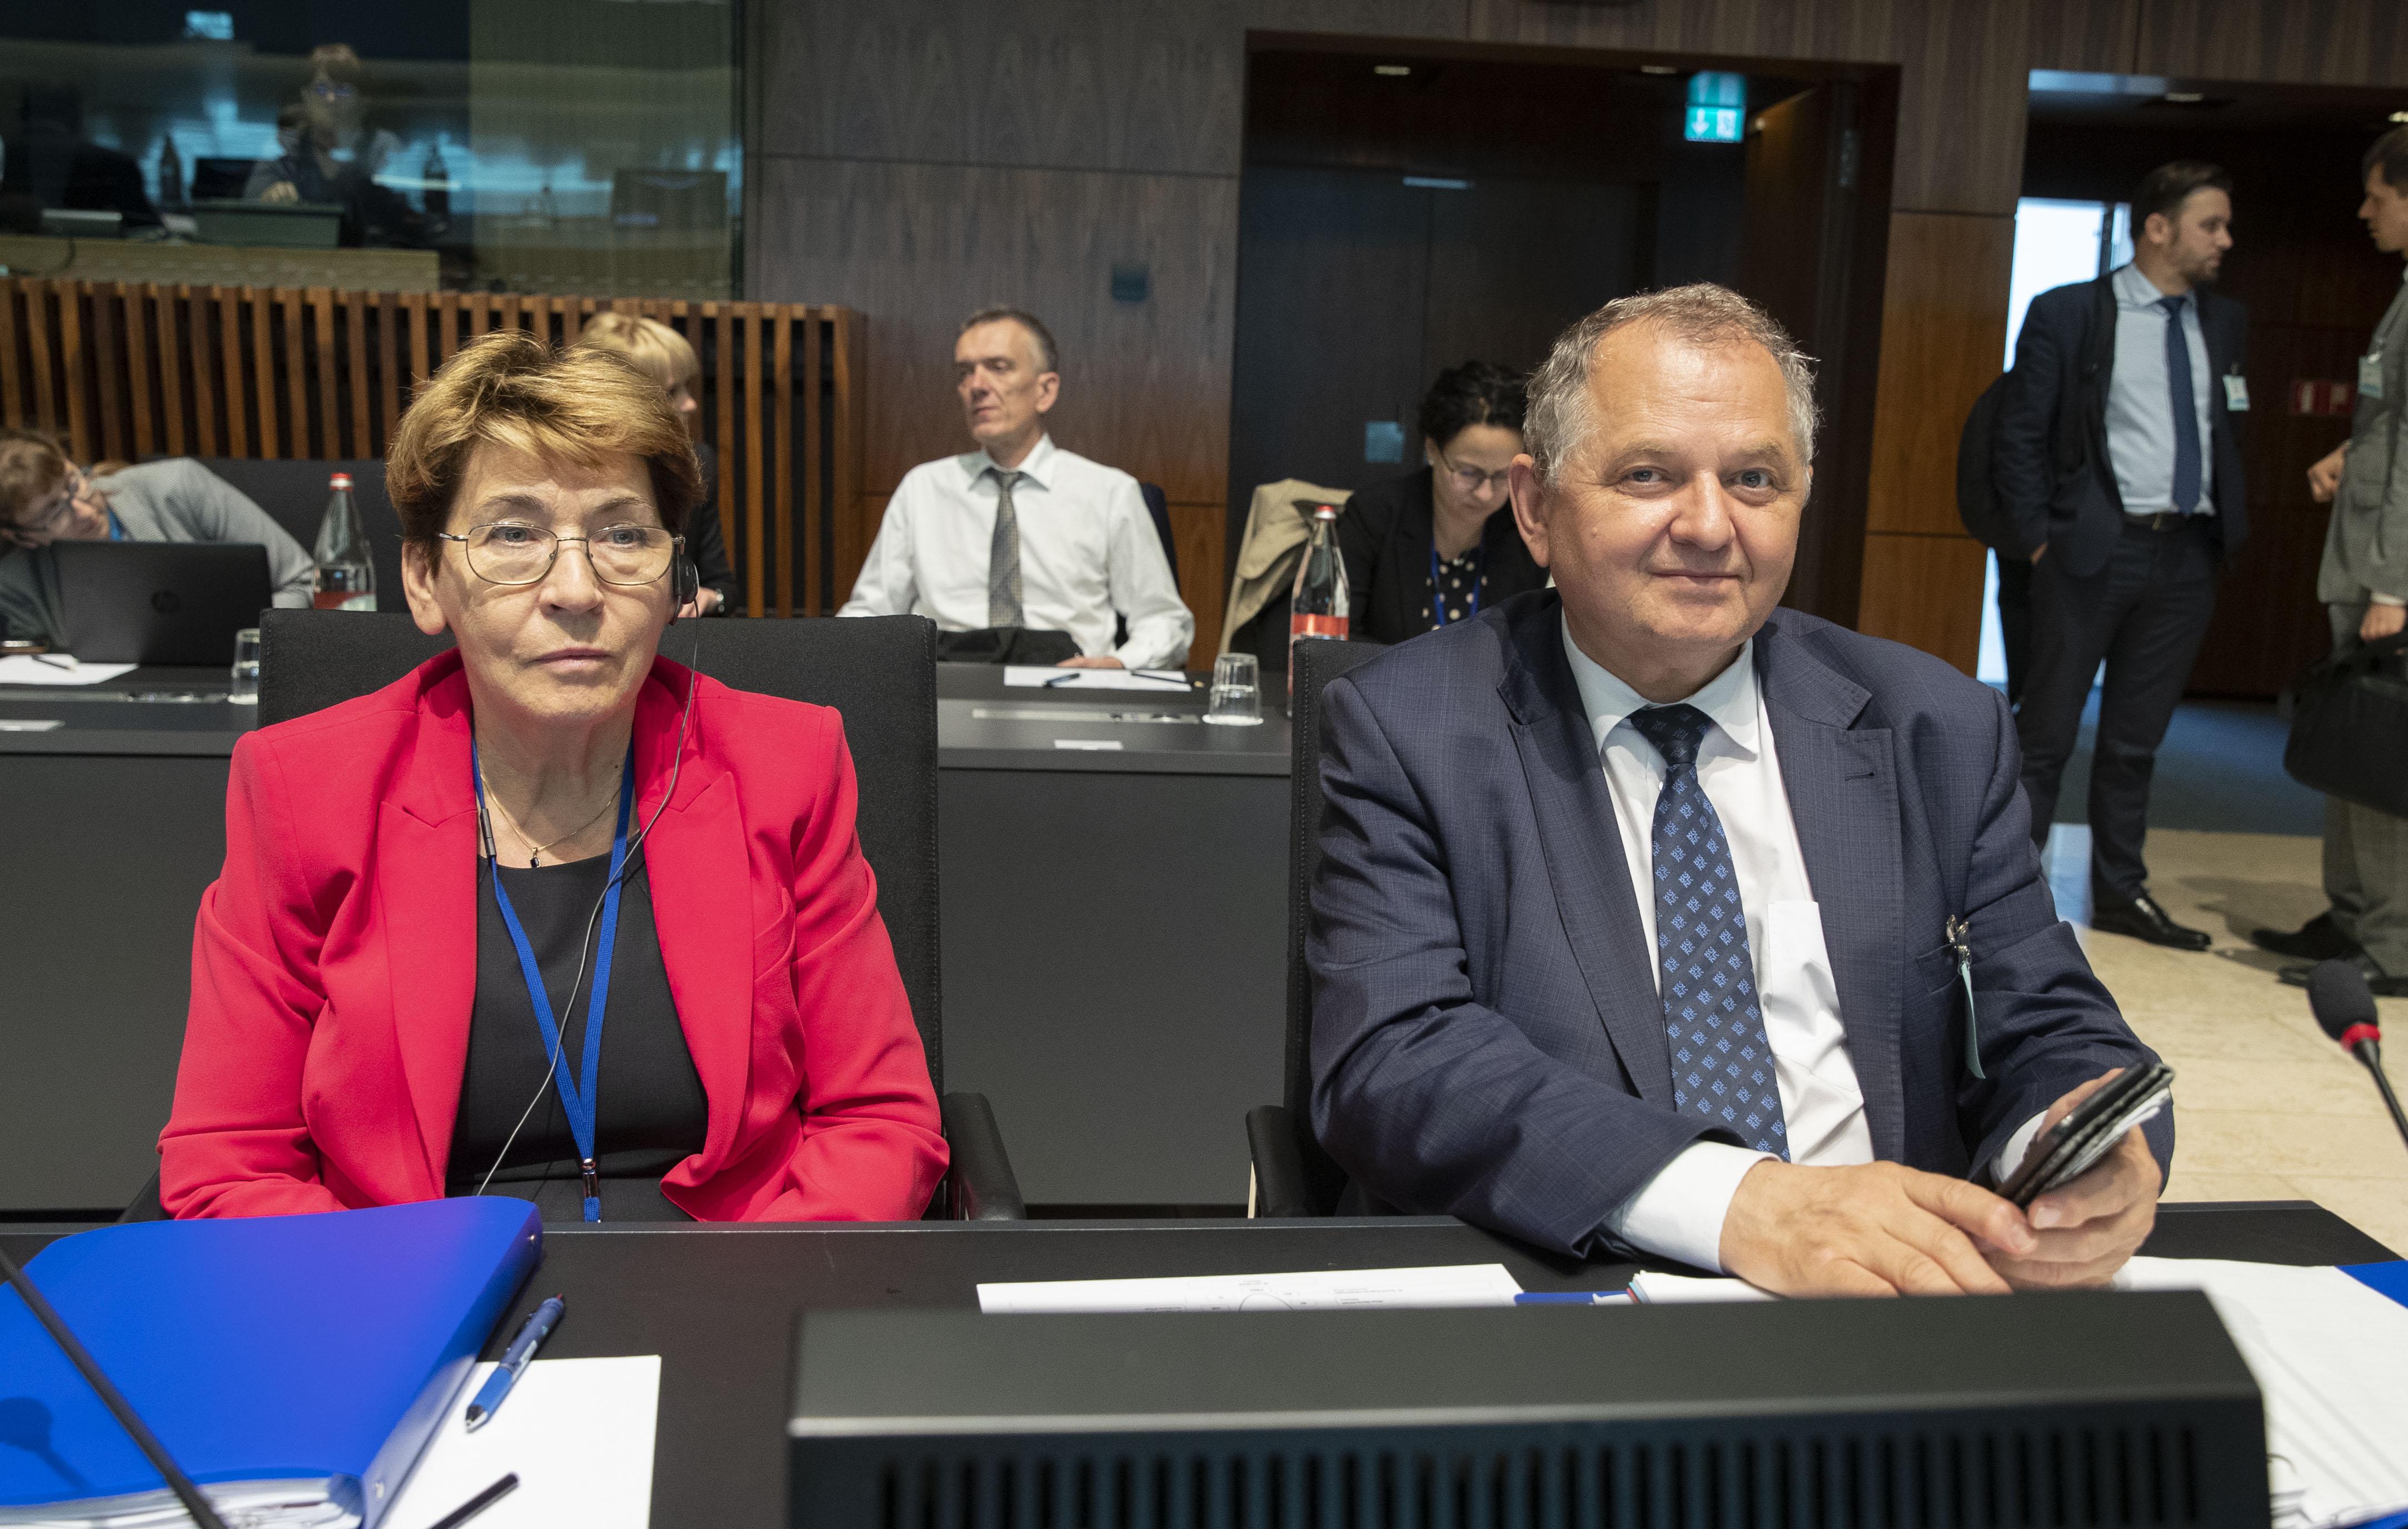 Od lewej radca generalny Zofia Krzyżanowska oraz wiceminister Ryszard Zarudzki Fot. European Union